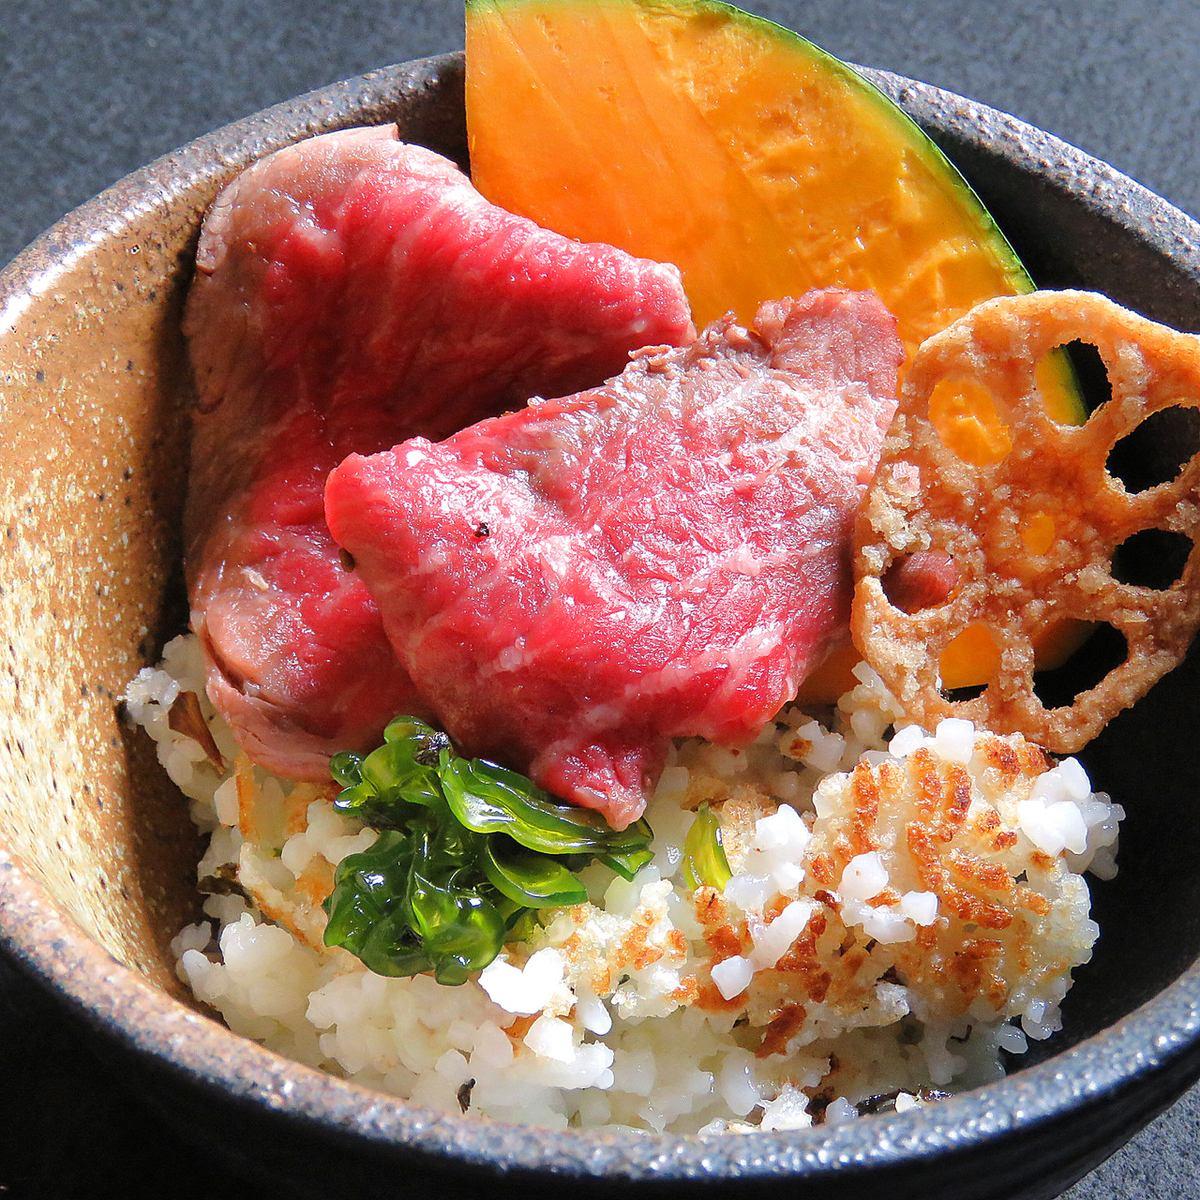 奢華!創造石頭烤鹹菜 - 牛肉烤茶泡菜 - 最好的菜!